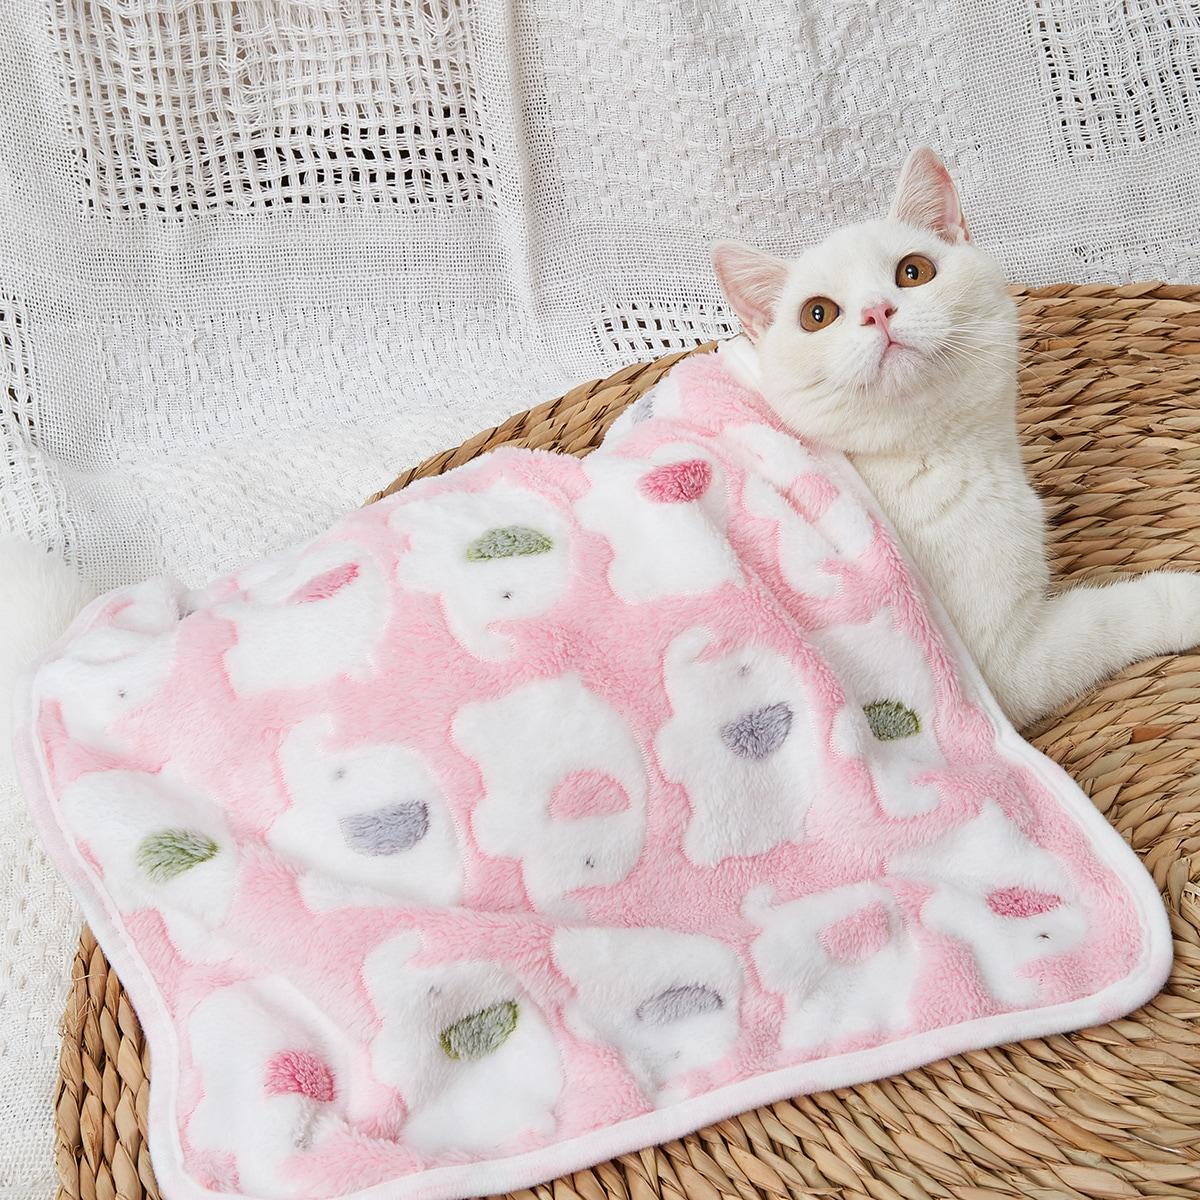 1 Stück Plüsch Decke mit Elefant Muster für Katze